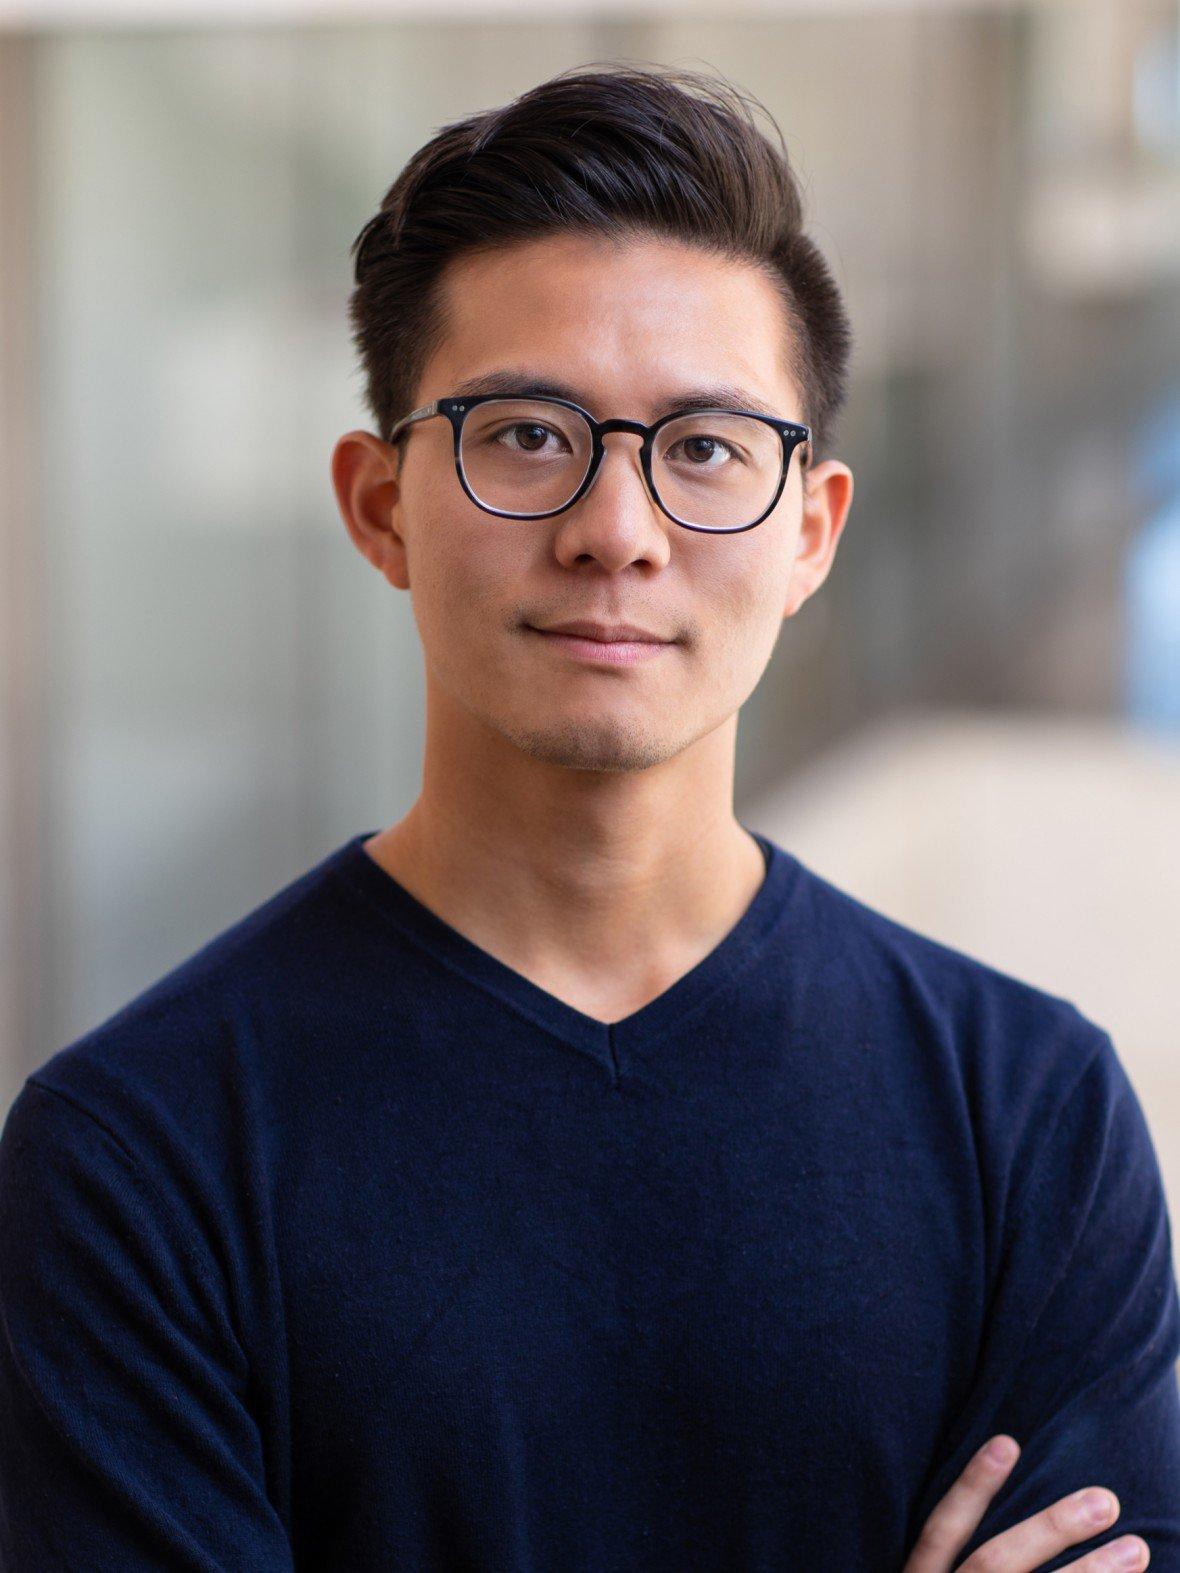 Photo of Patrick Hsu